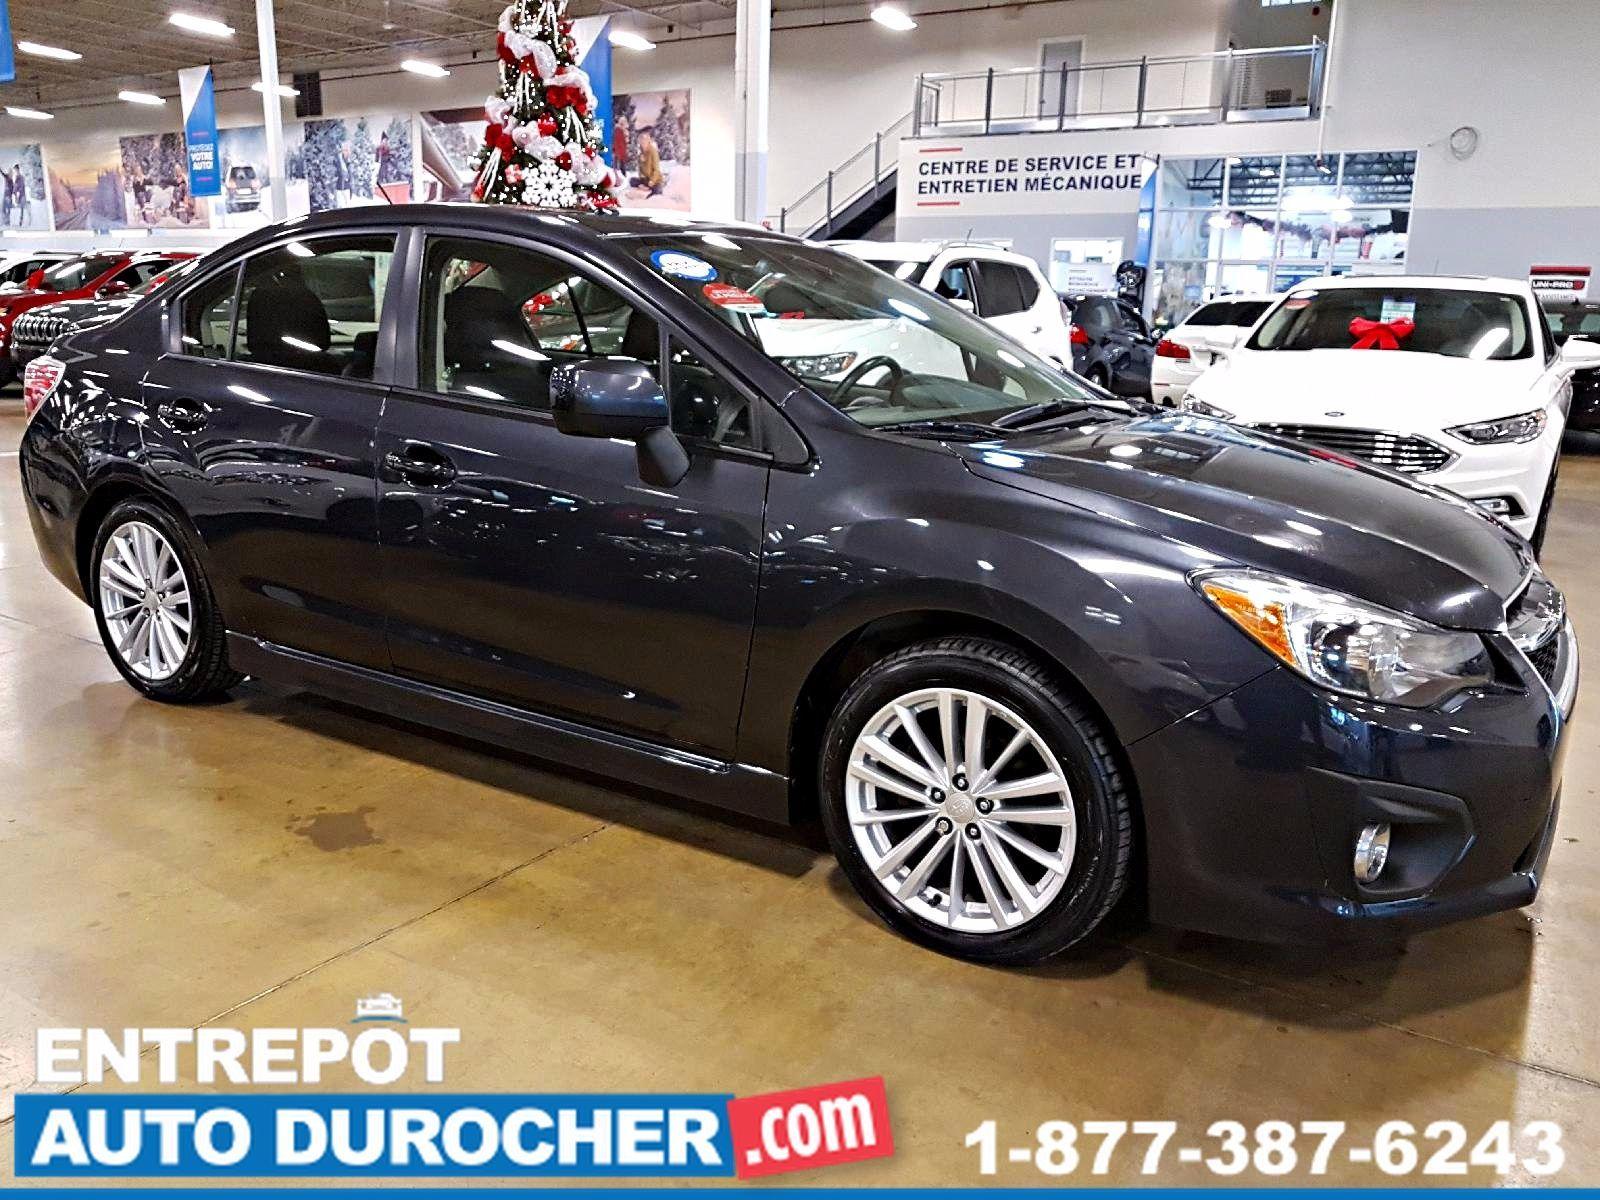 Subaru Impreza 2.0i w/Touring Pkg AWD AUTOMATIQUE, TOIT OUVRANT 2013